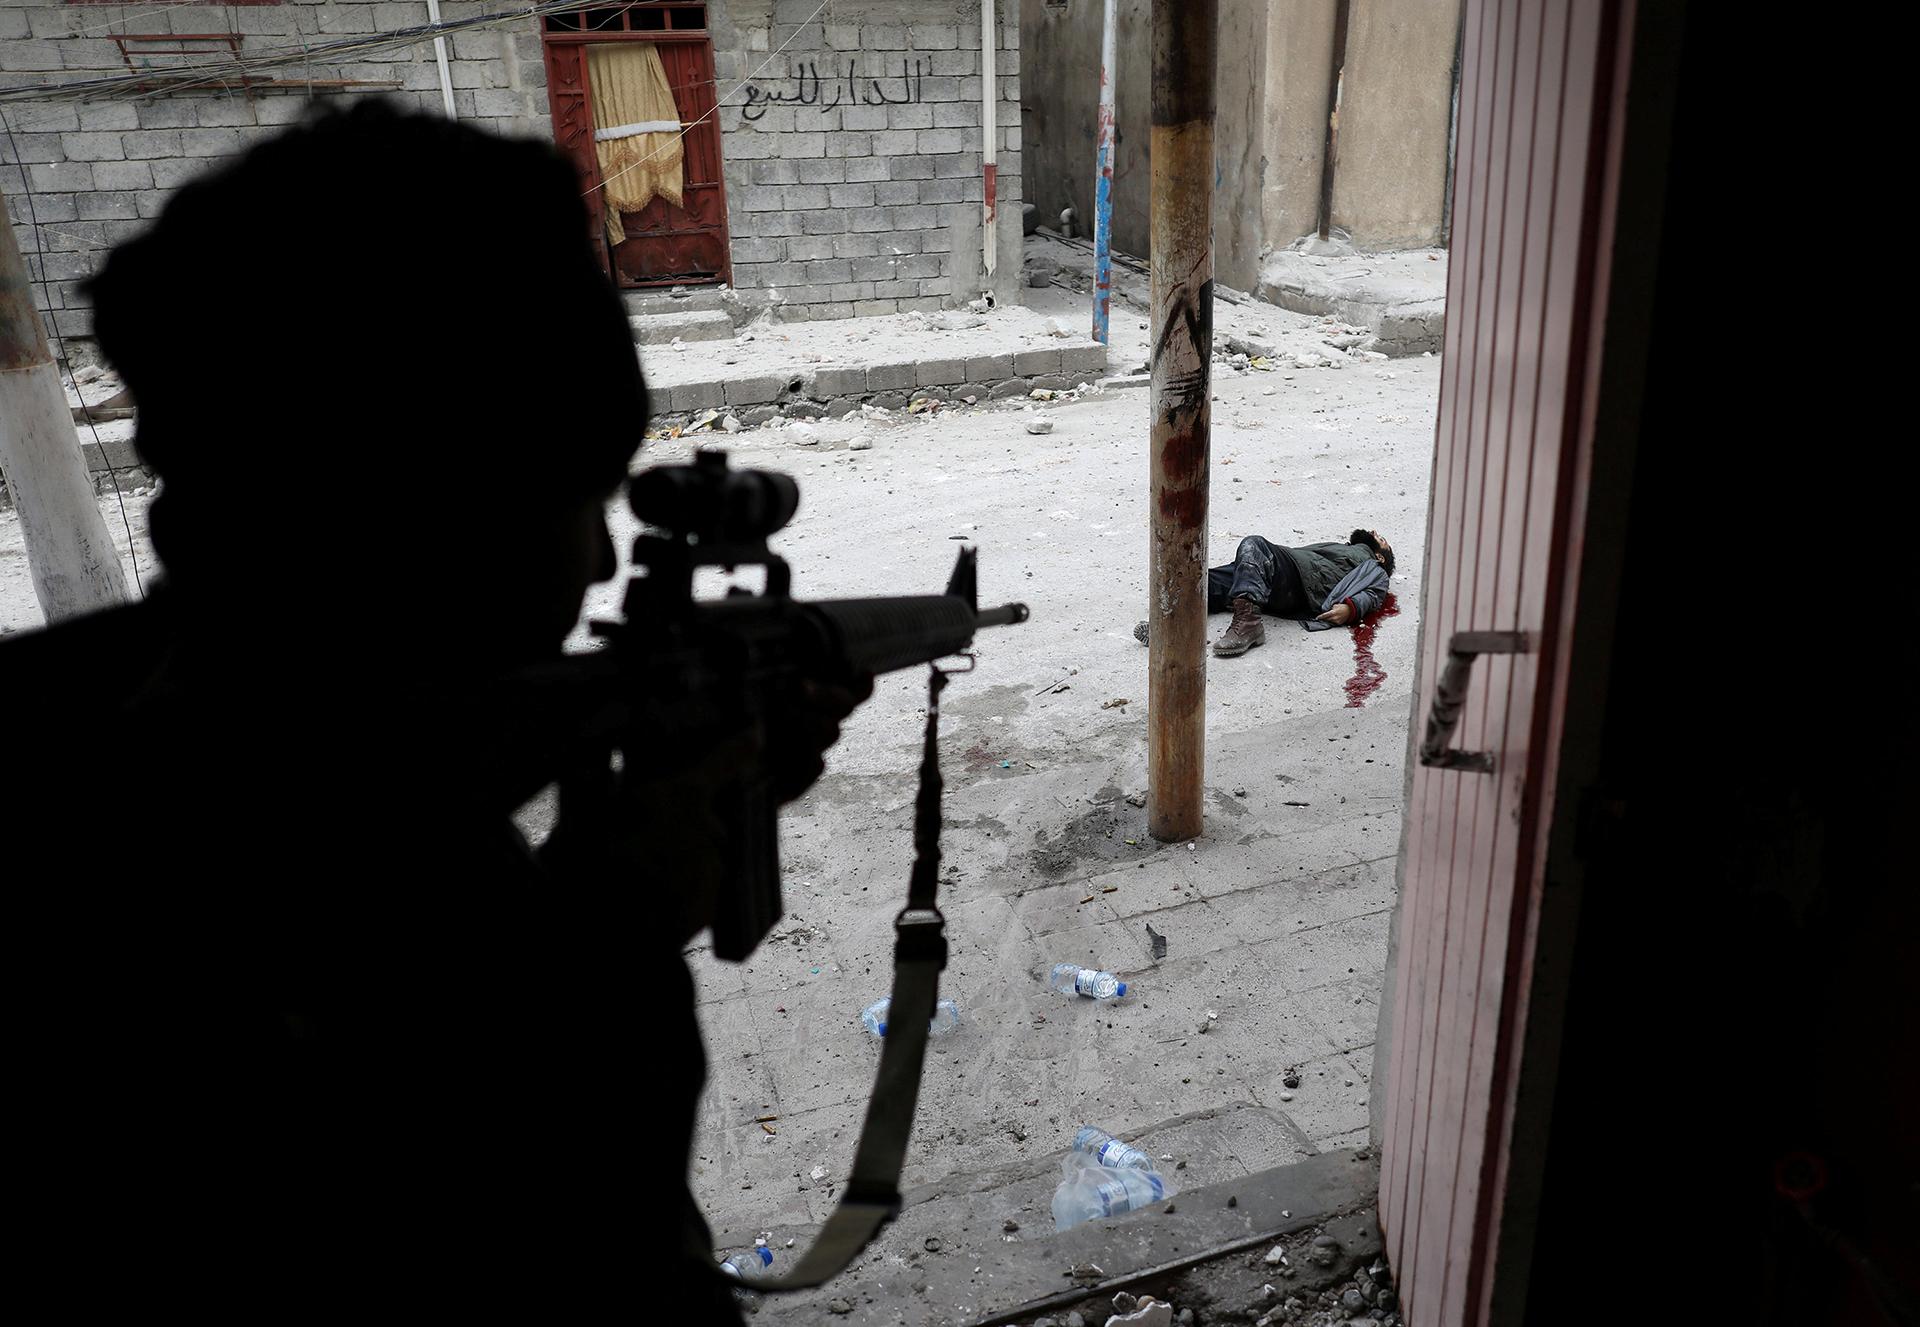 Mideast Crisis Iraq Mosul – La crisis del Medio Oriente en Mosul, Iraq: un soldado de las Fuerzas Especiales iraquíes momentos después de matar a un presunto terrorista suicida durante la ofensiva para retomar Mosul. (Goran Tomasevic, Serbia)